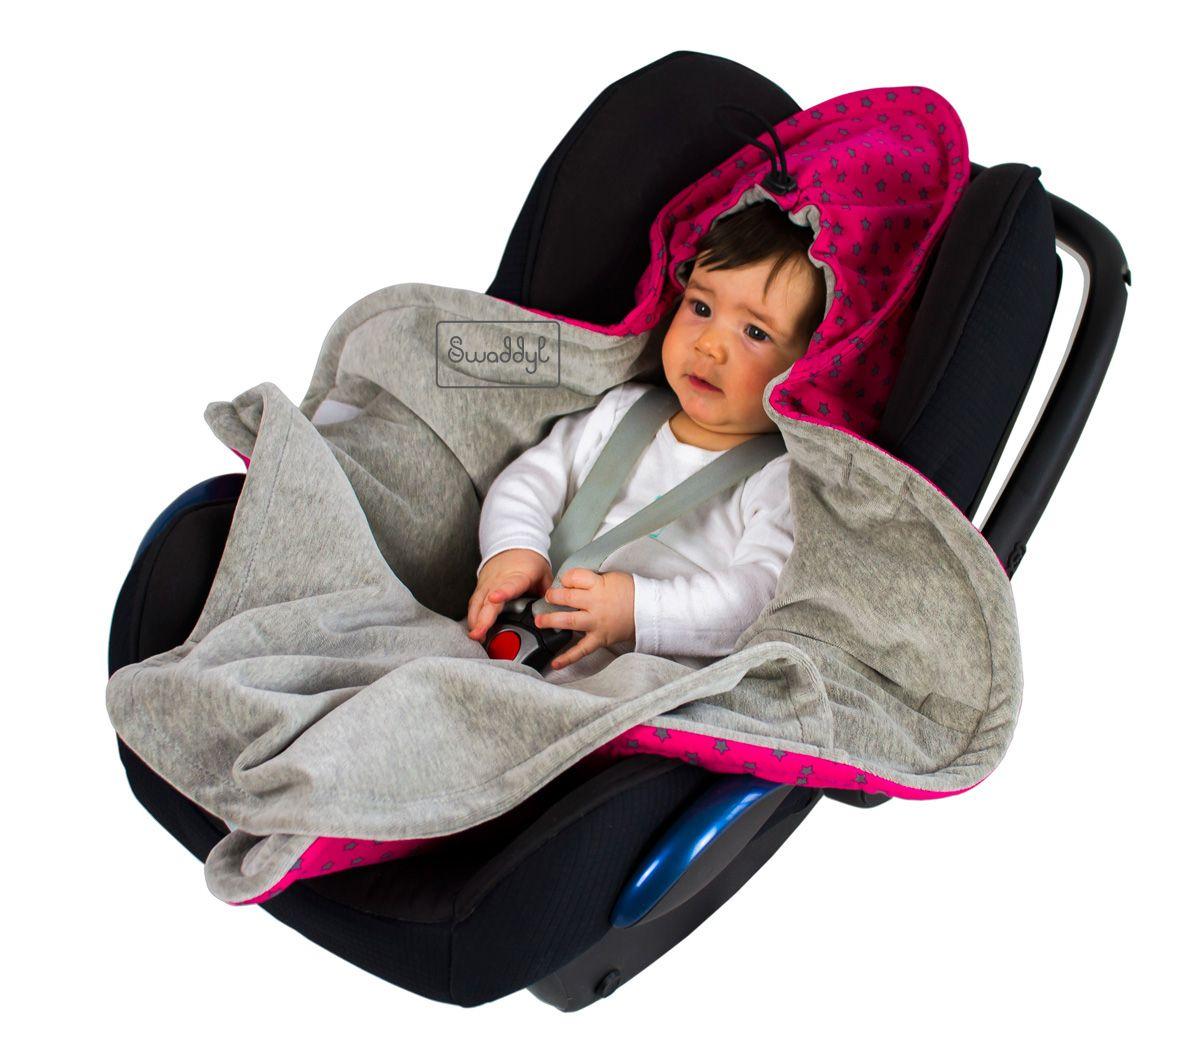 Babydecke für Unterwegs in der Übergangszeit, Frühling oder Herbst ...